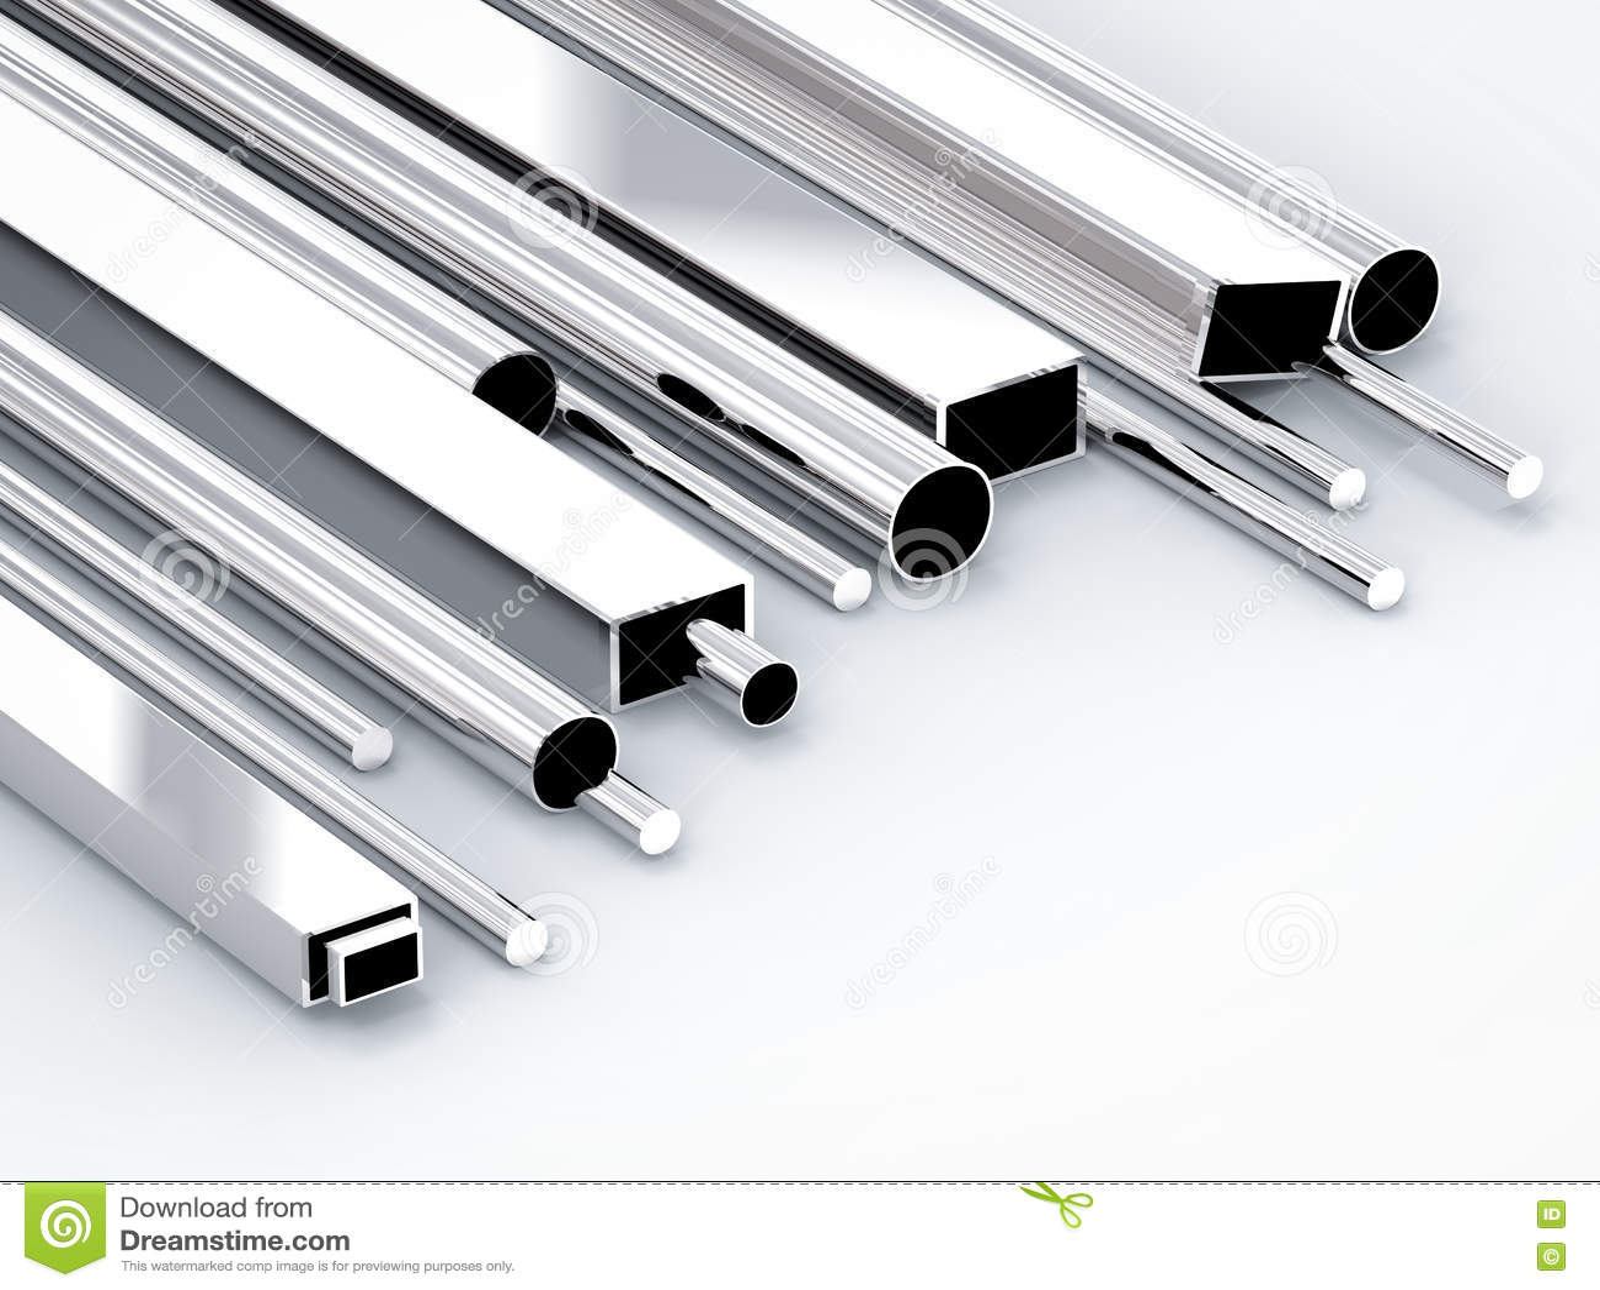 metal rohre stockbild. bild von anordnung, glänzend, gruppe - 77765257